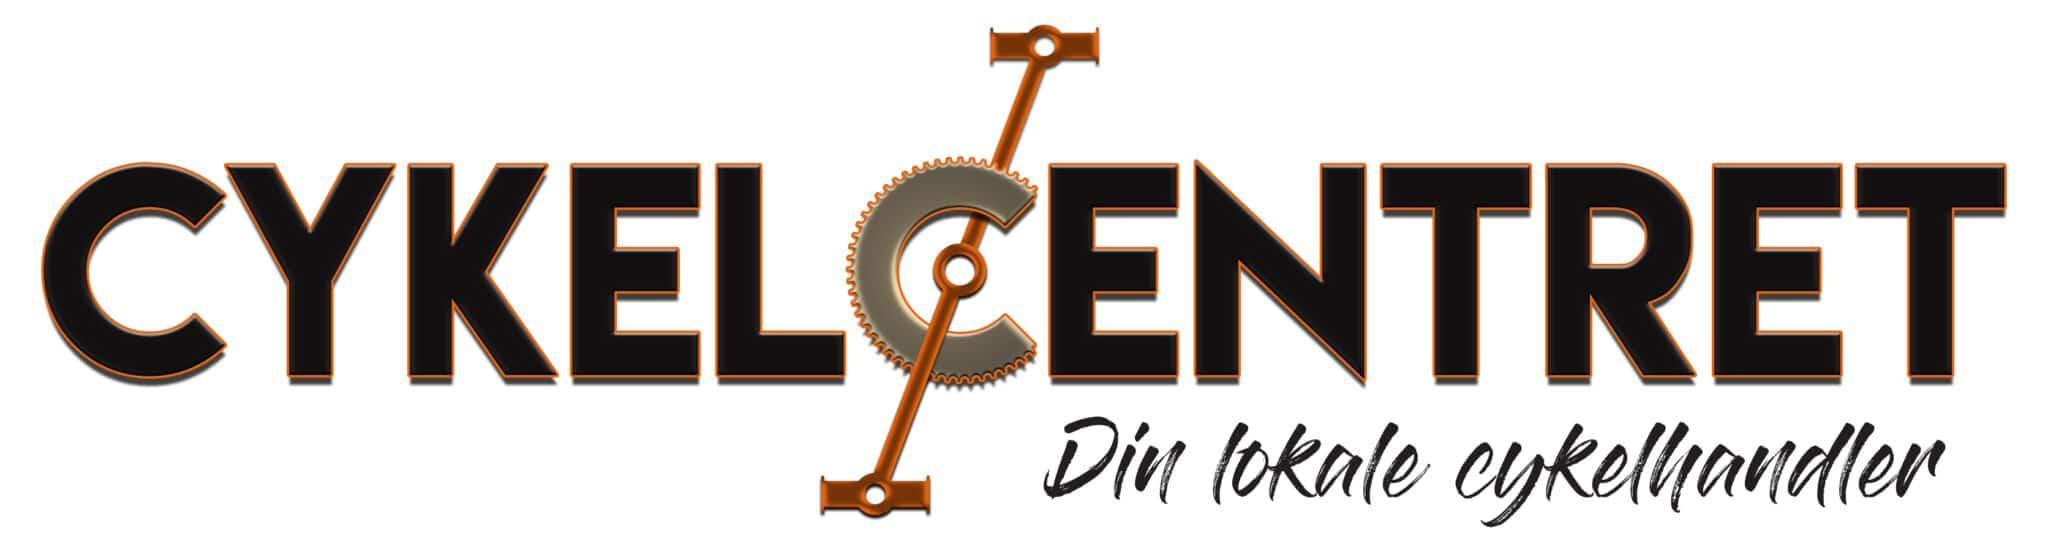 Solrød Cykelcenter